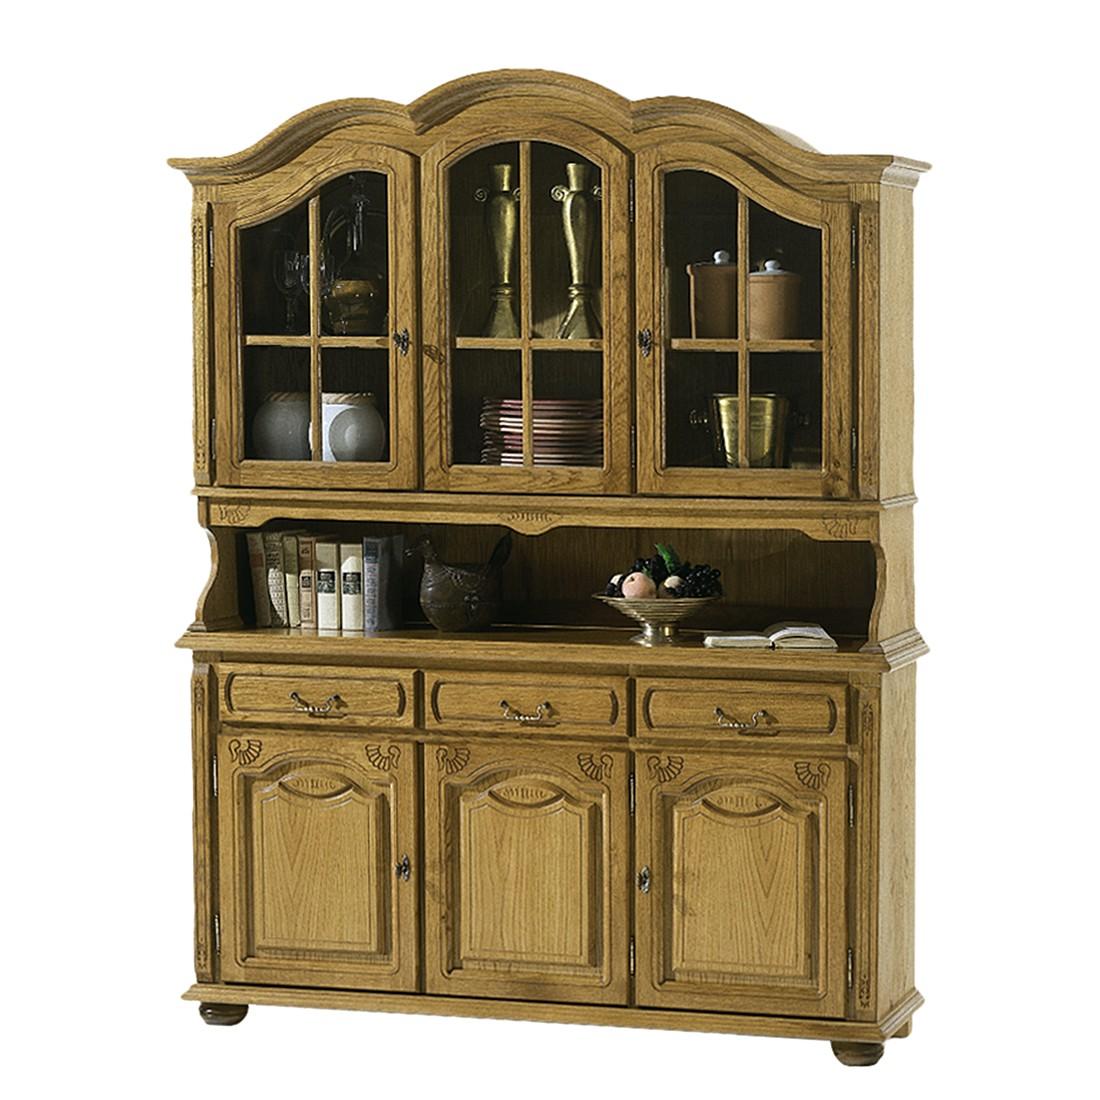 einrichtung landhausstil g nstig kaufen. Black Bedroom Furniture Sets. Home Design Ideas